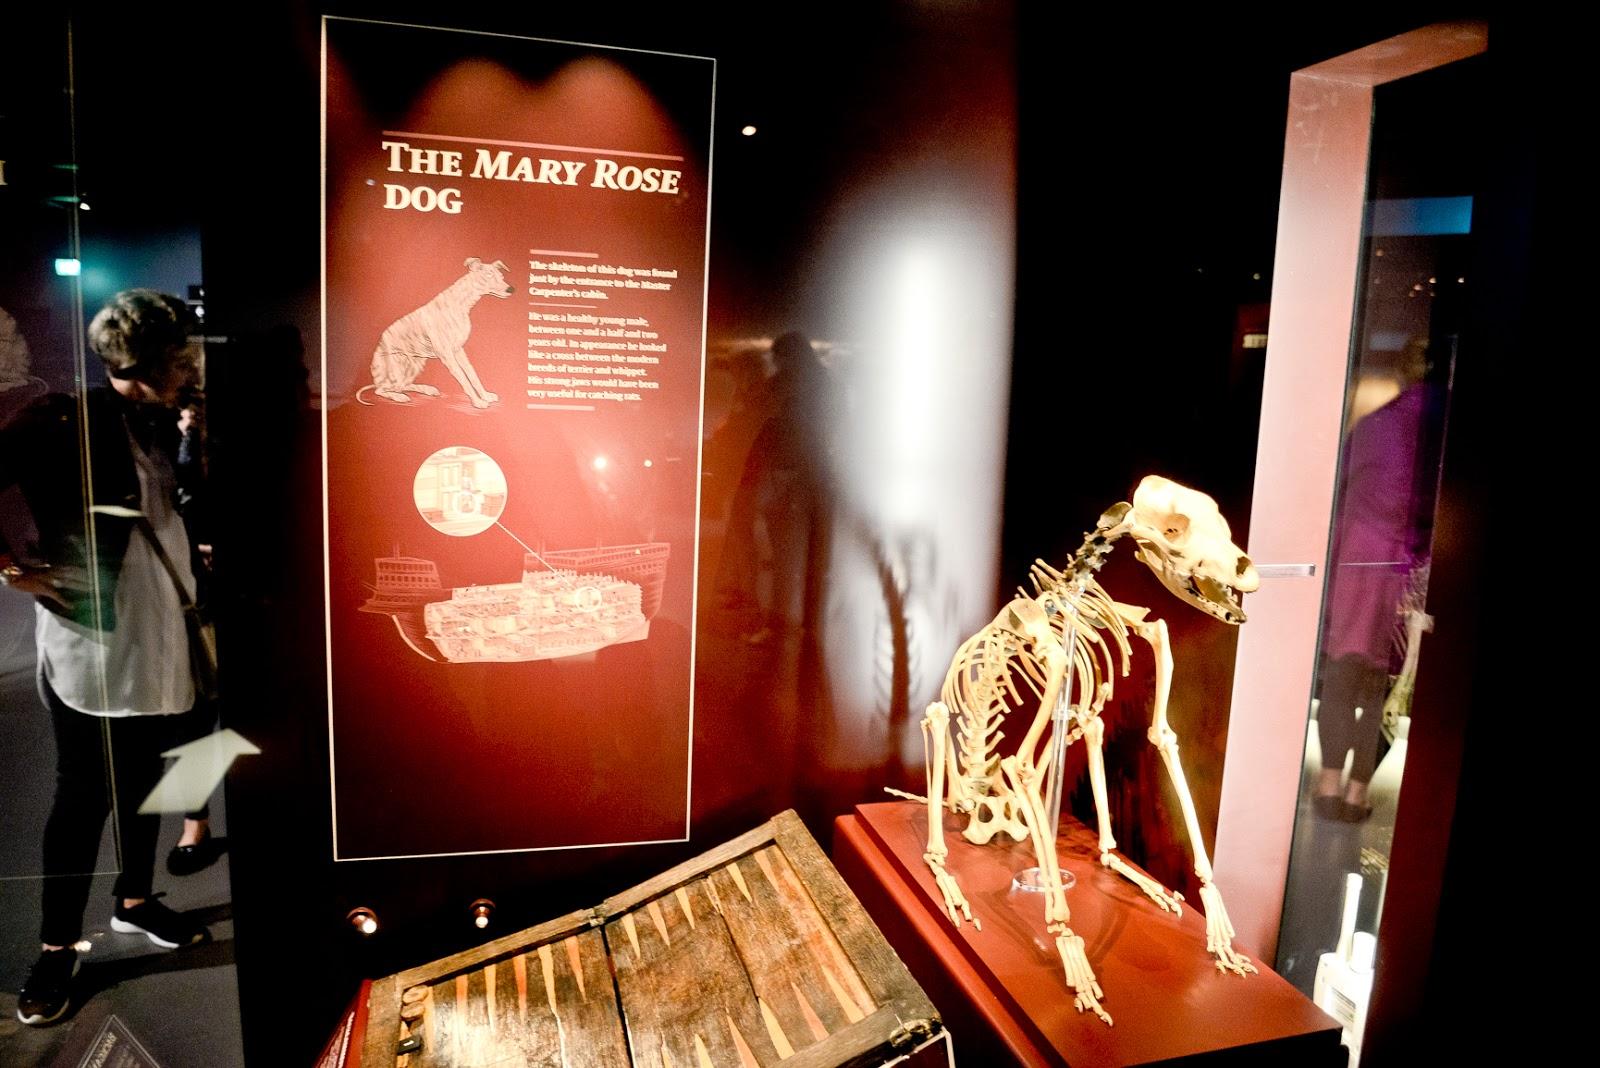 the mary rose, tudor warship, the mary rose dog,